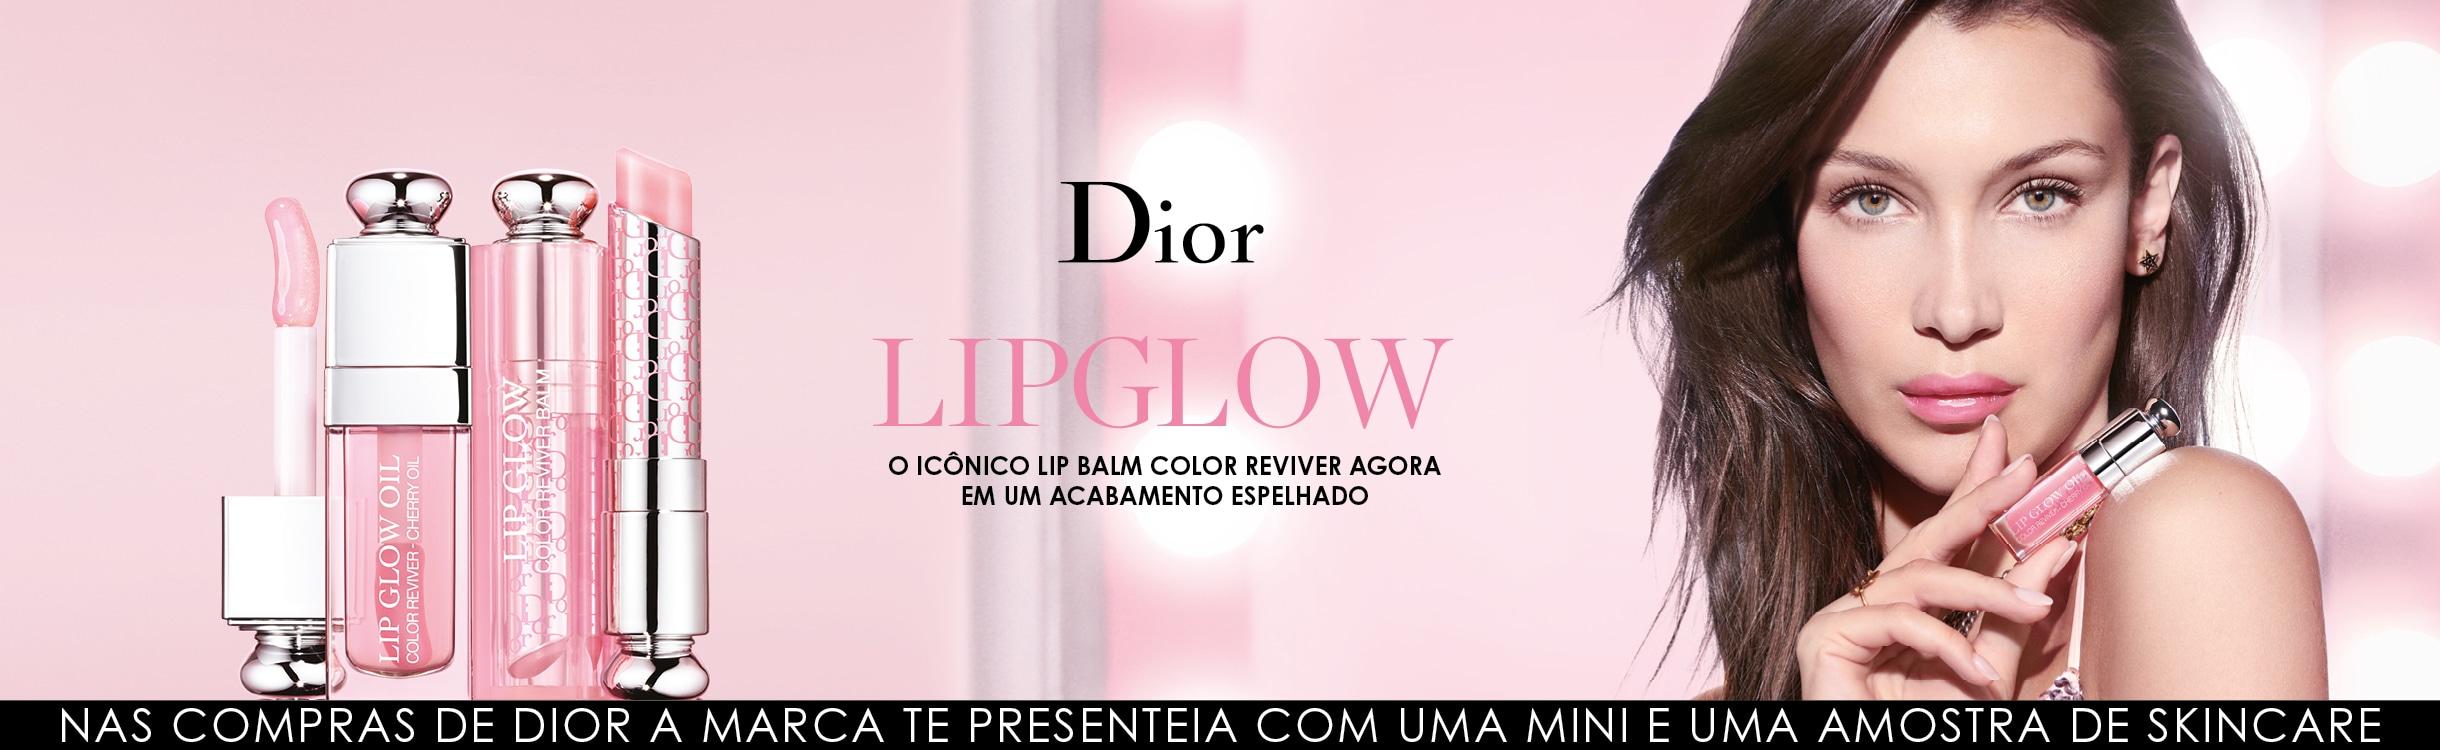 Todos os produtos Dior